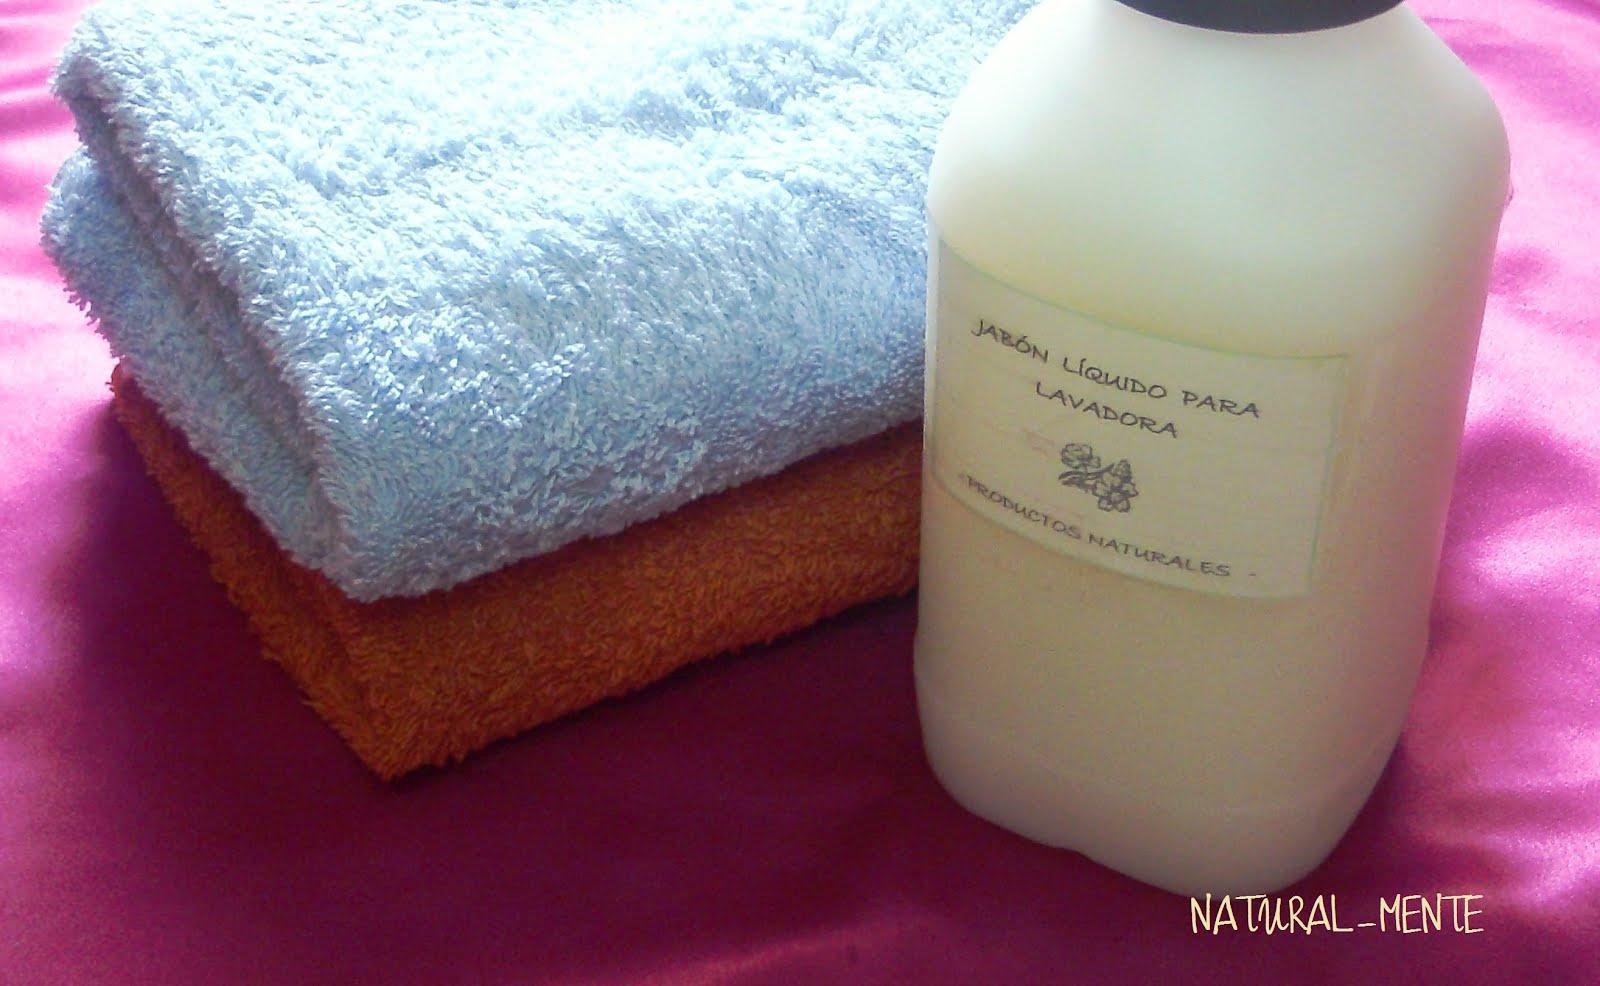 Naturaleza sabia en tiempos de crisis jab n liquido - Jabon natural para lavadora ...